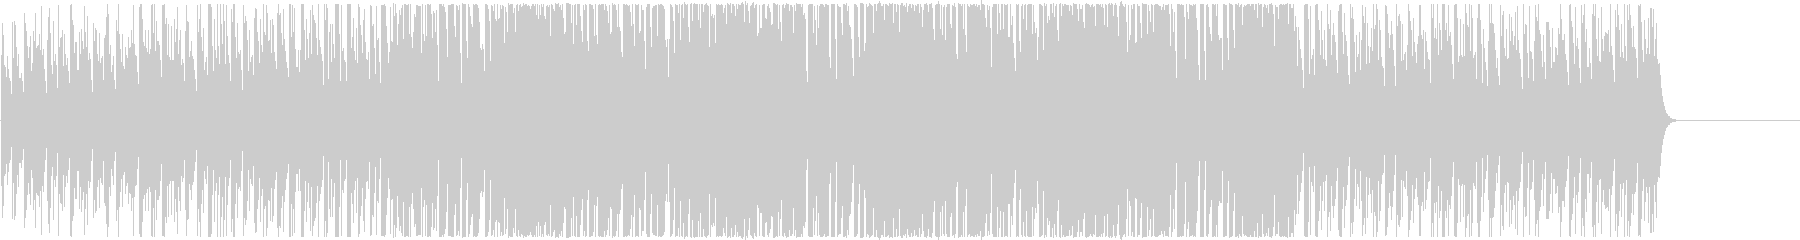 ゲームスタート前に最適な4つ打ちBGMの未再生の波形